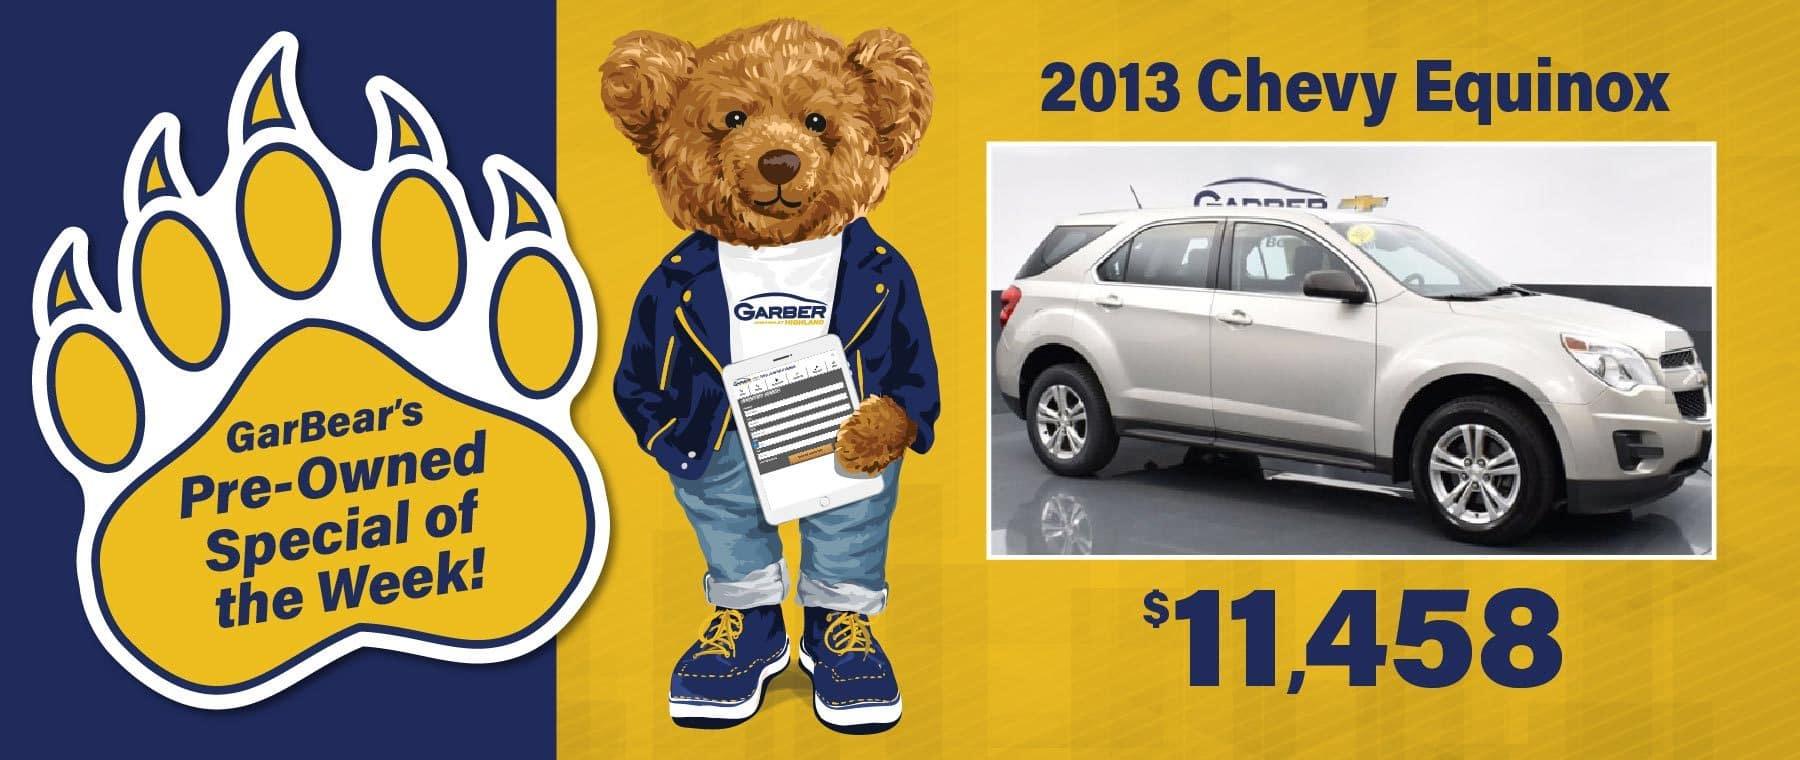 2013 Chevy Equinox - $11,458